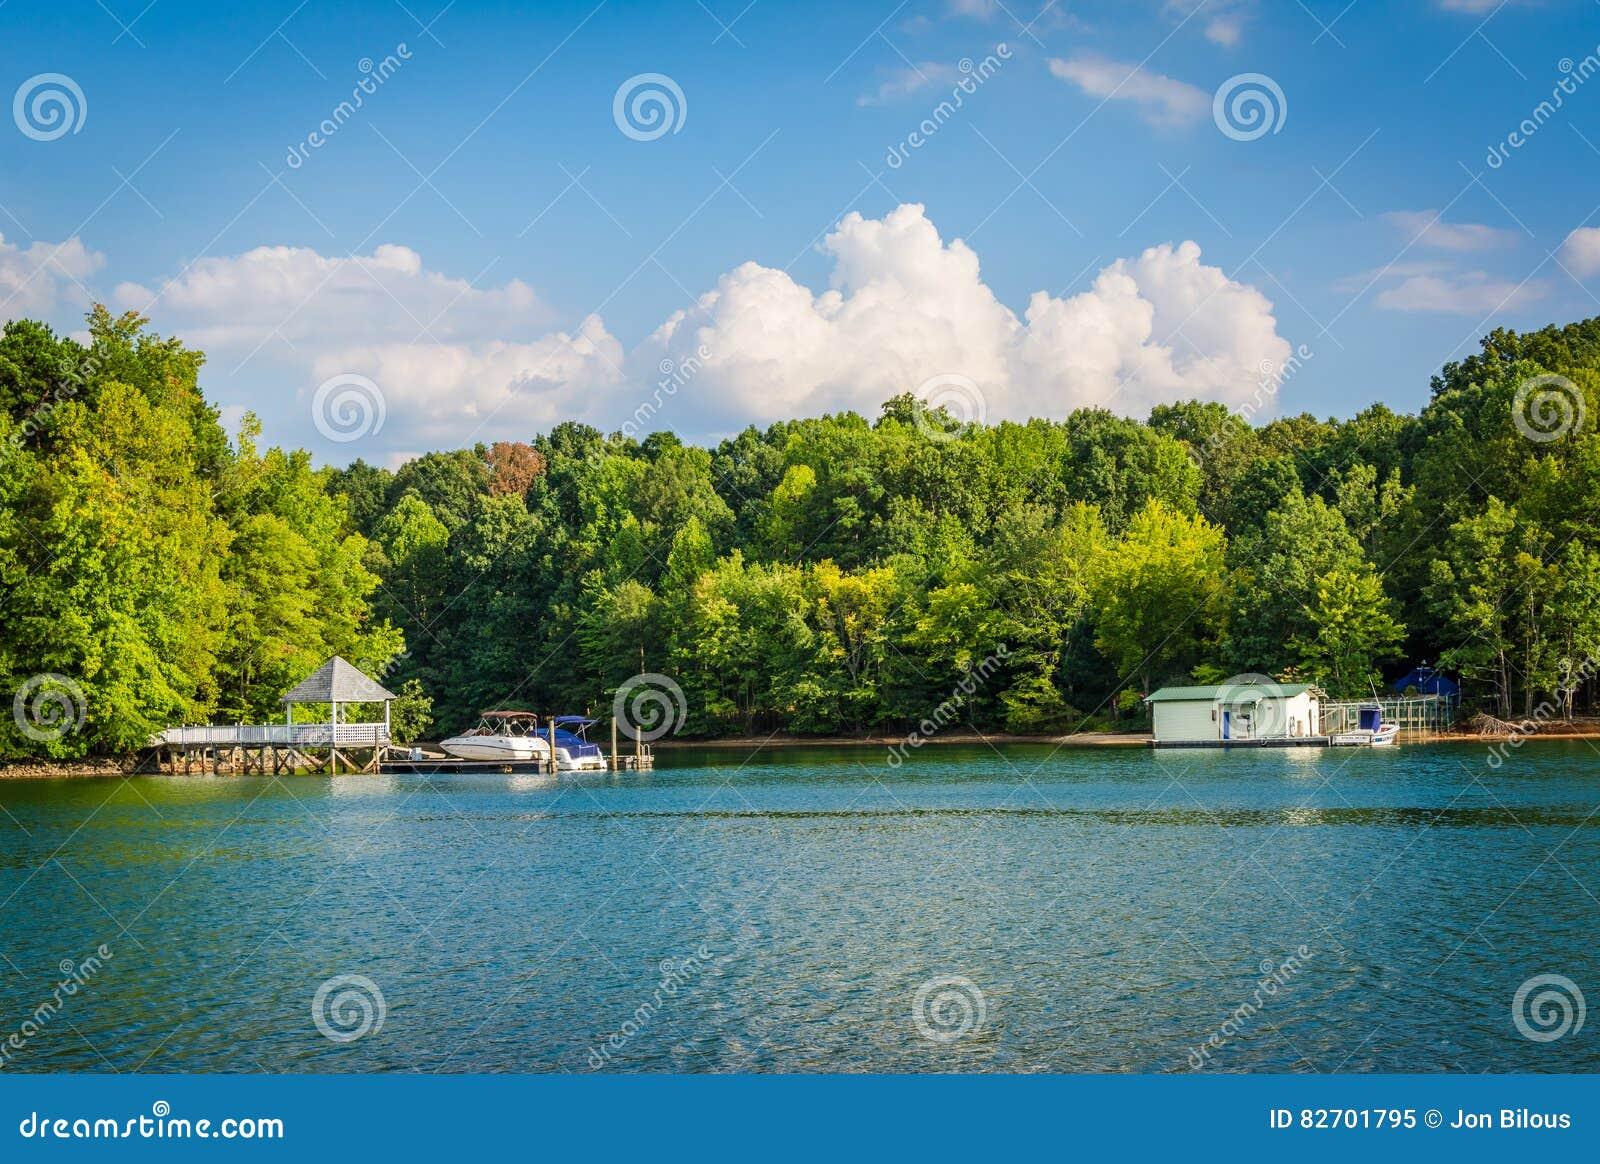 Λίμνη Norman, στο πάρκο μαρκών, στο Cornelius, βόρεια Καρολίνα